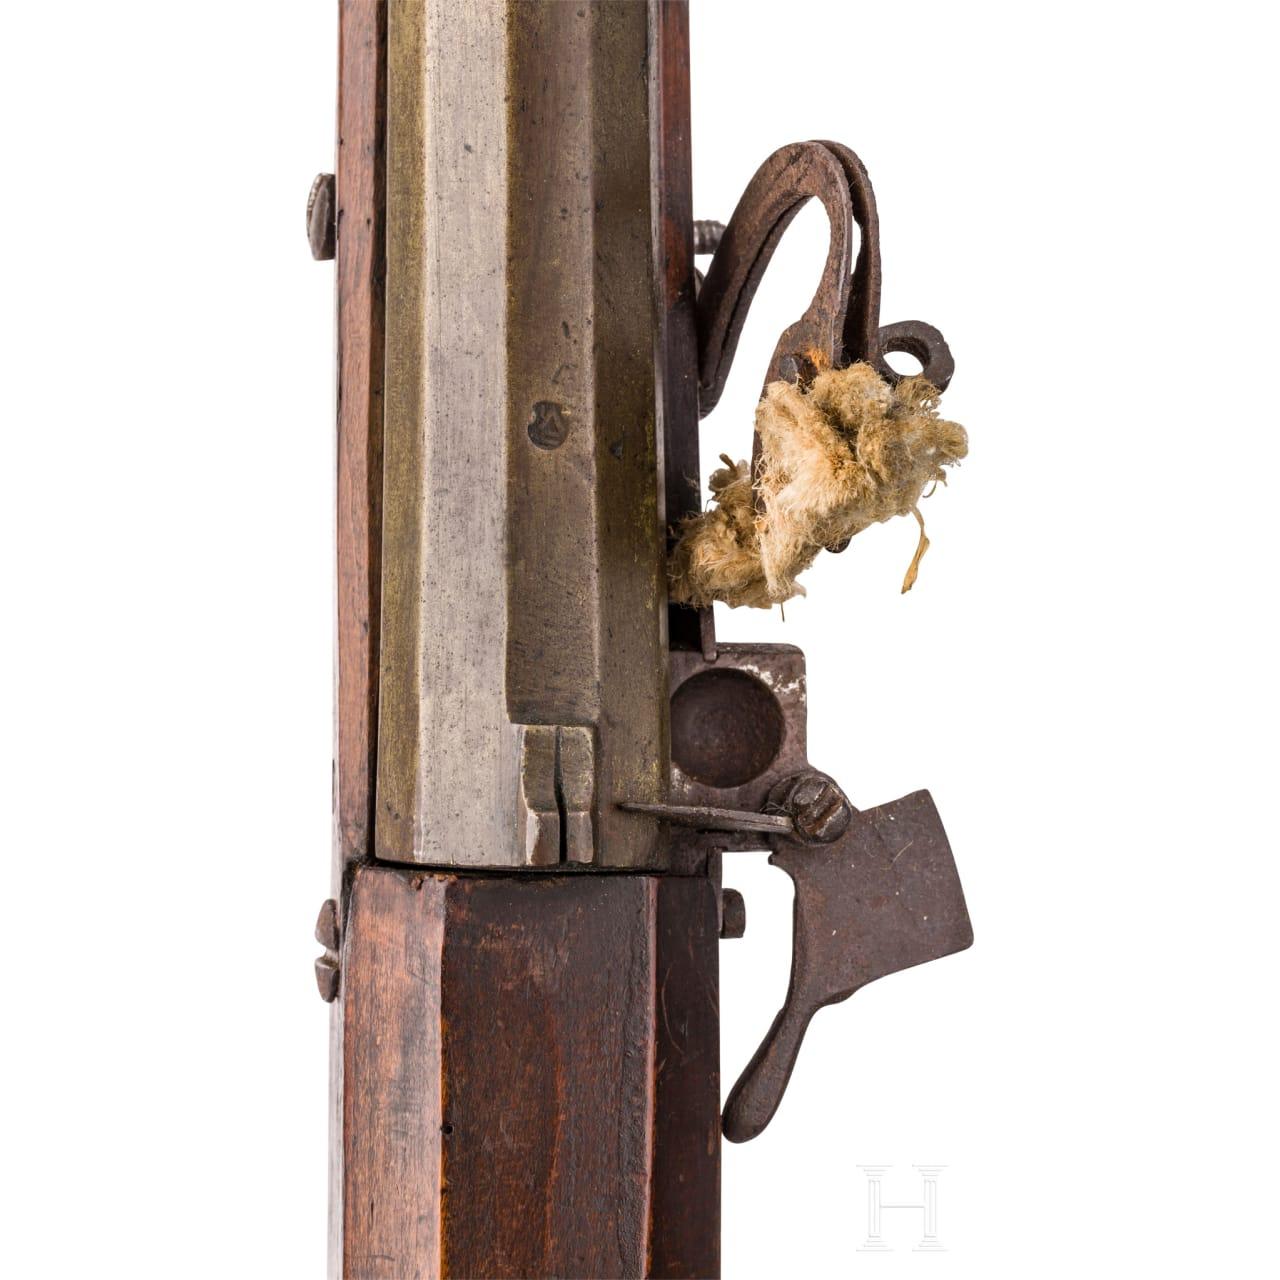 Frühes, militärisches Luntenschlossgewehr mit Bronzelauf, deutsch, um 1520